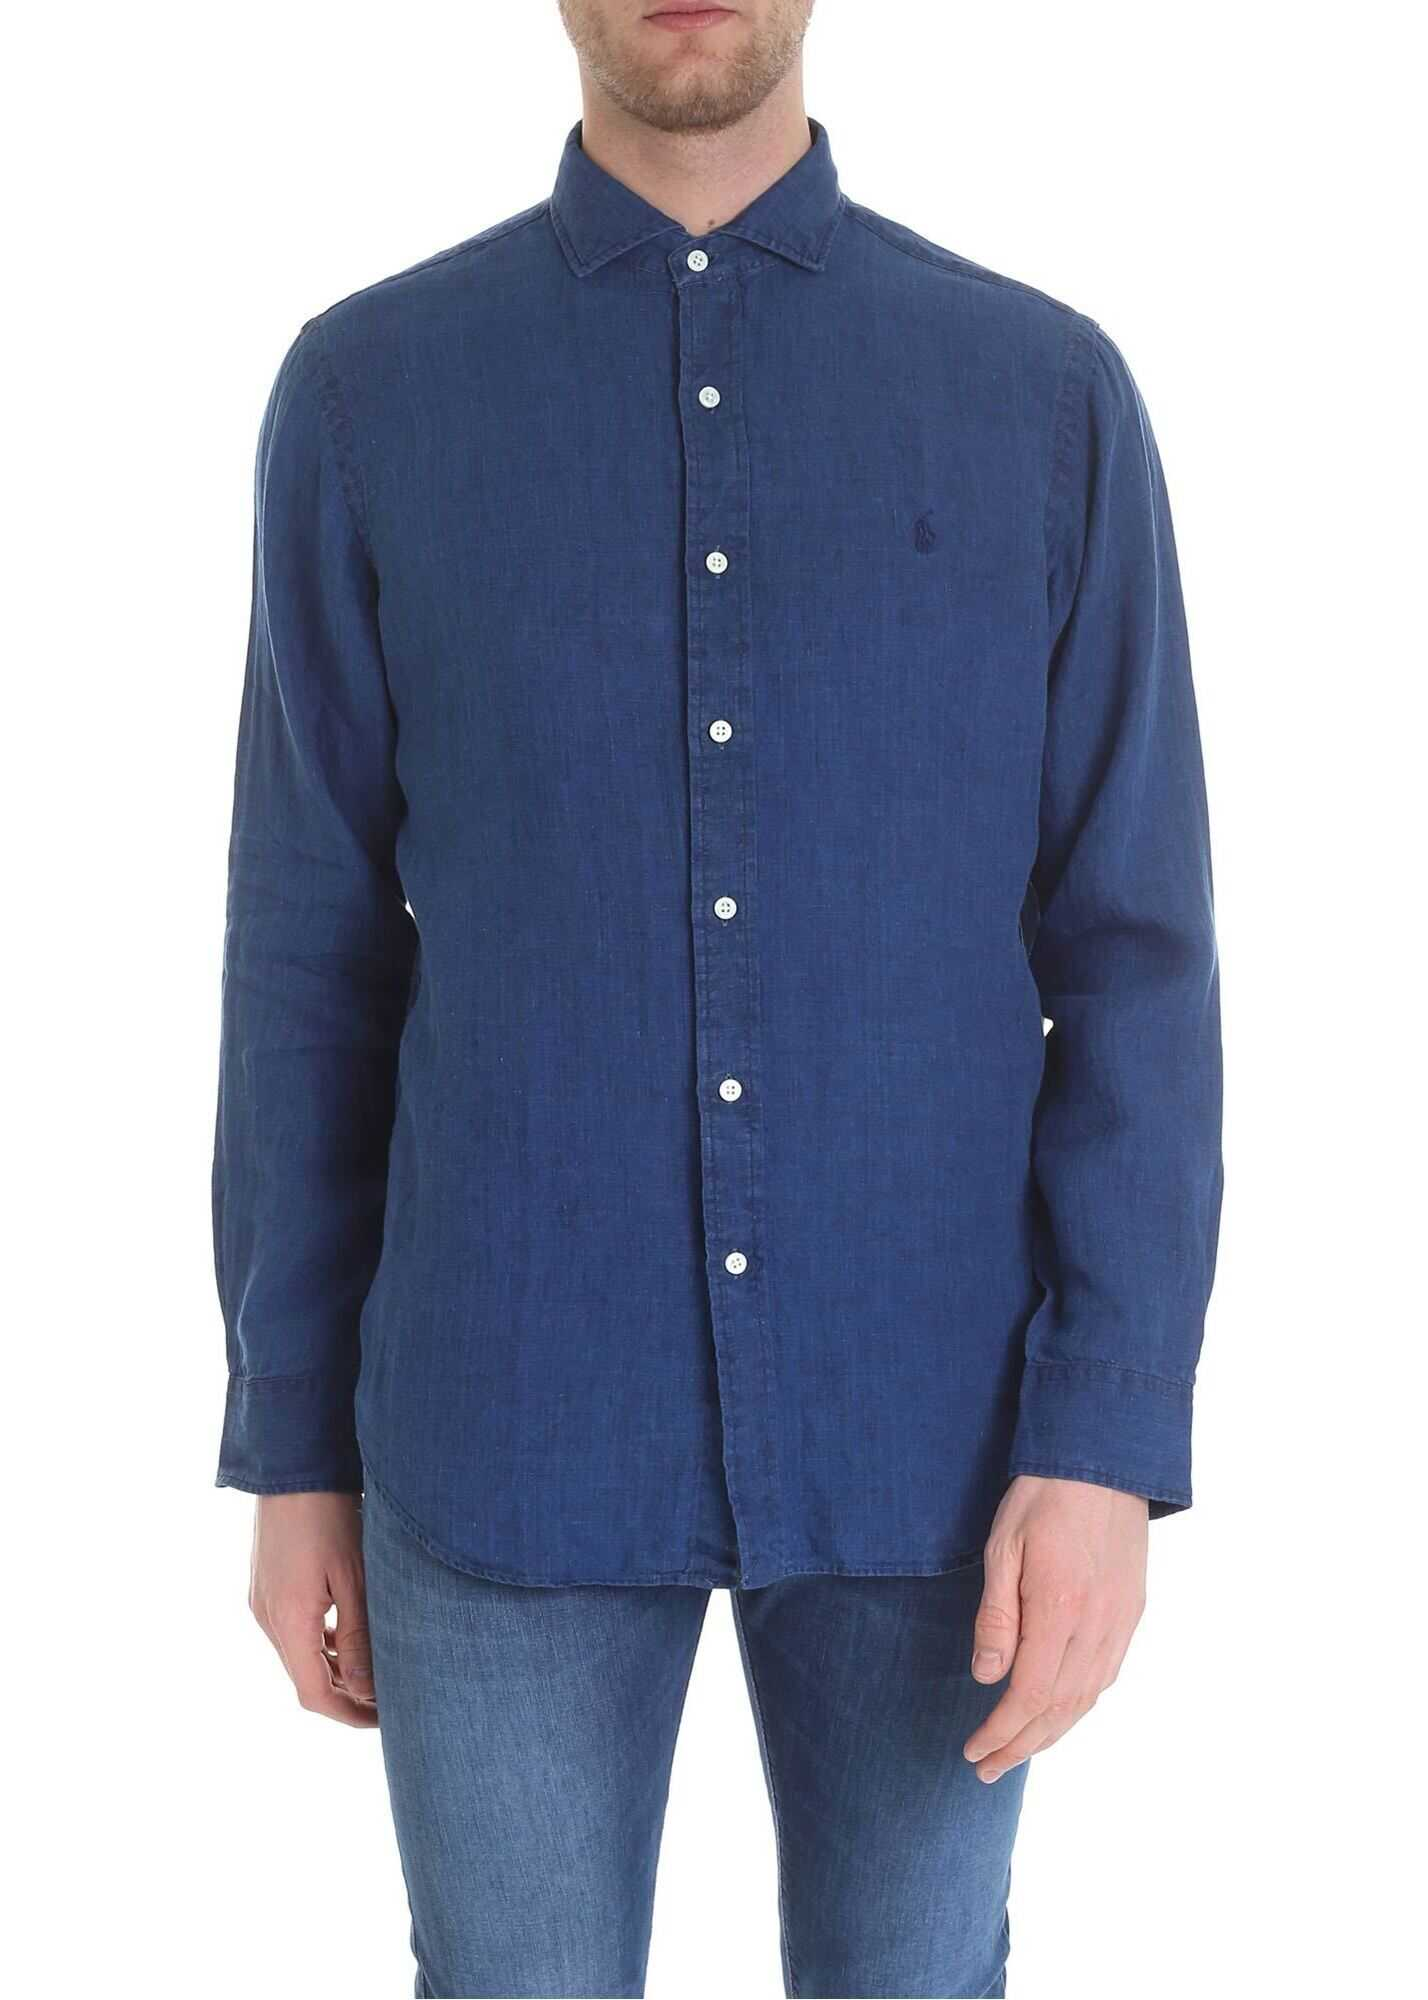 Ralph Lauren Blue Linen Shirt Blue imagine